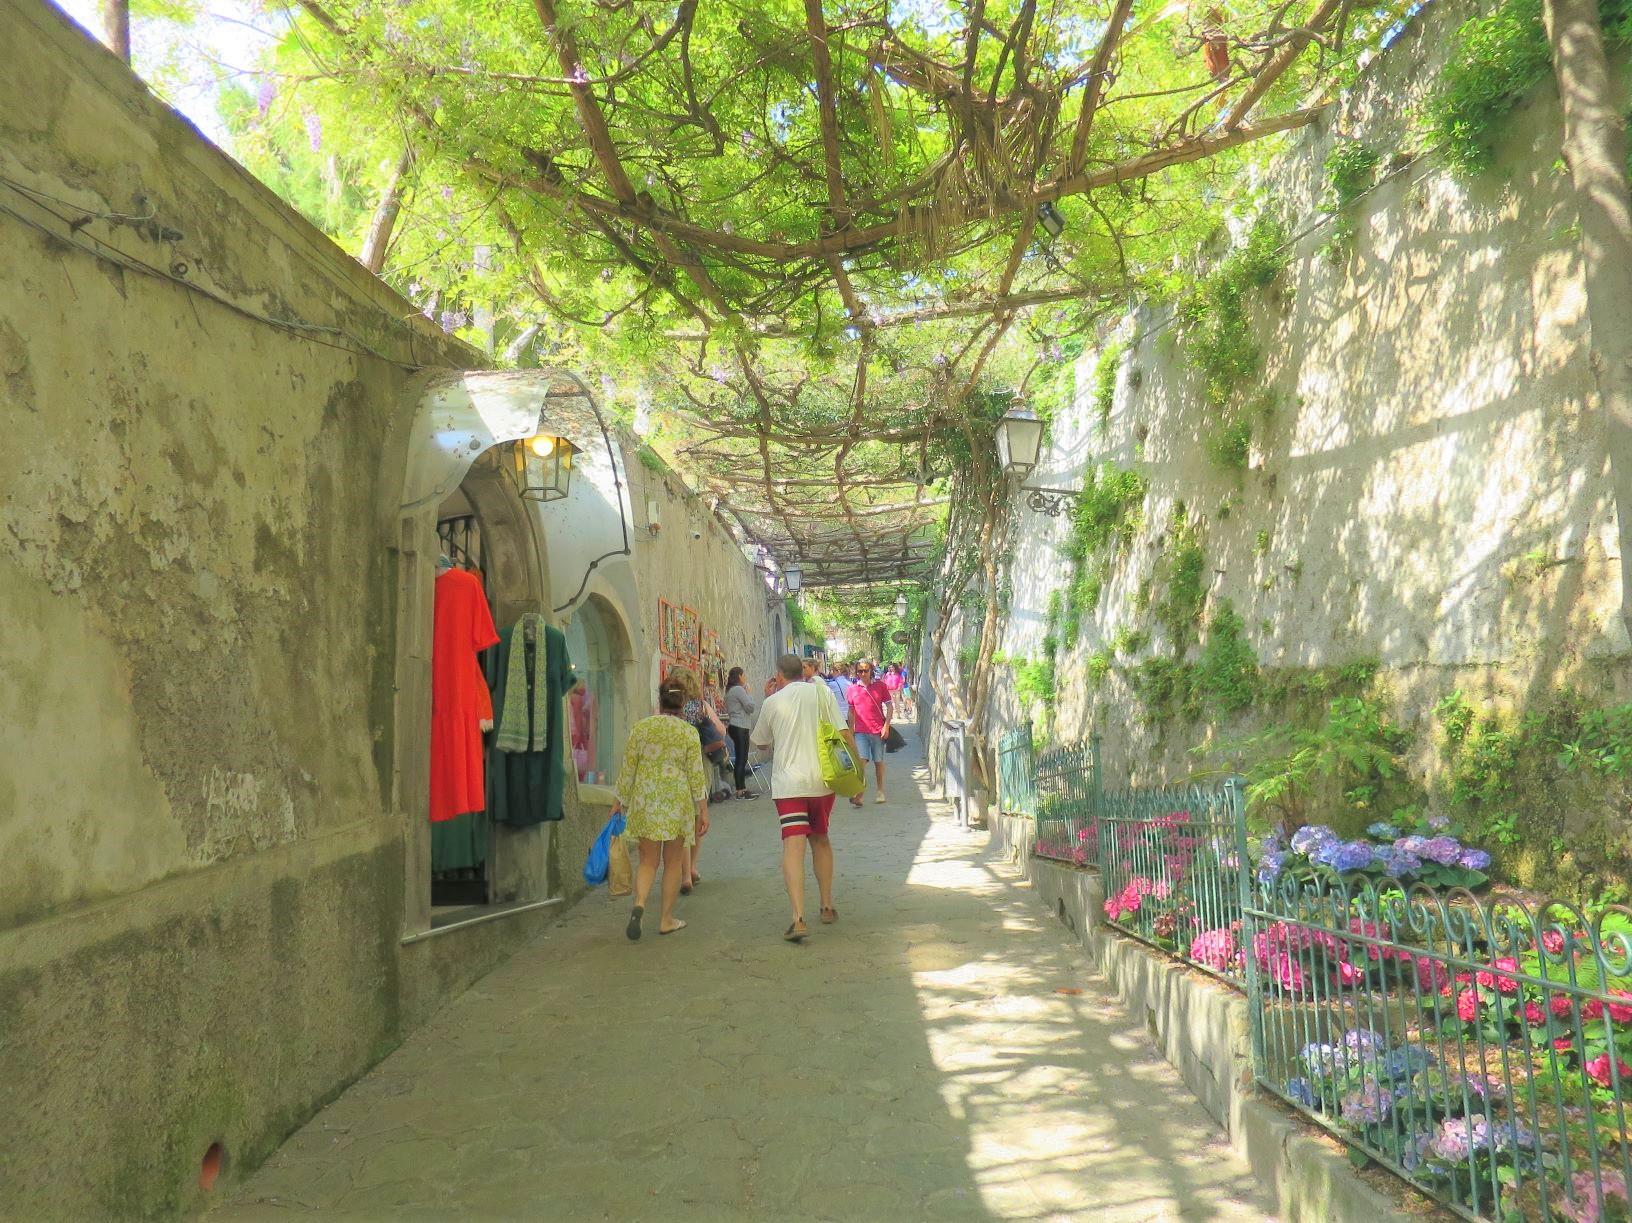 緑陰の白い路地が美しいポジターノの街(3日目)